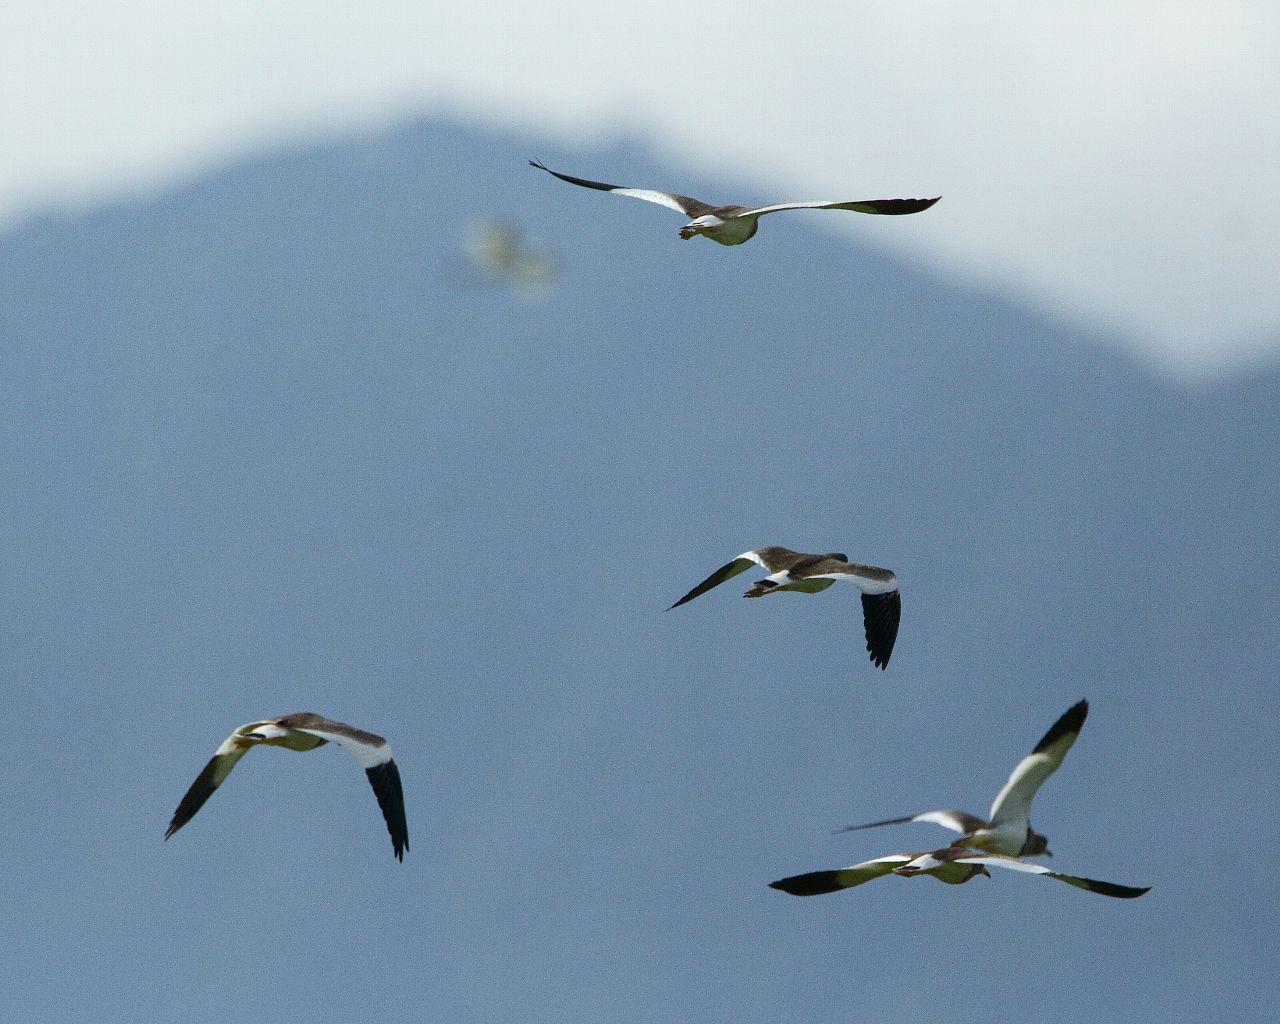 大山を背景に飛翔するケリの群れ_f0105570_21501143.jpg